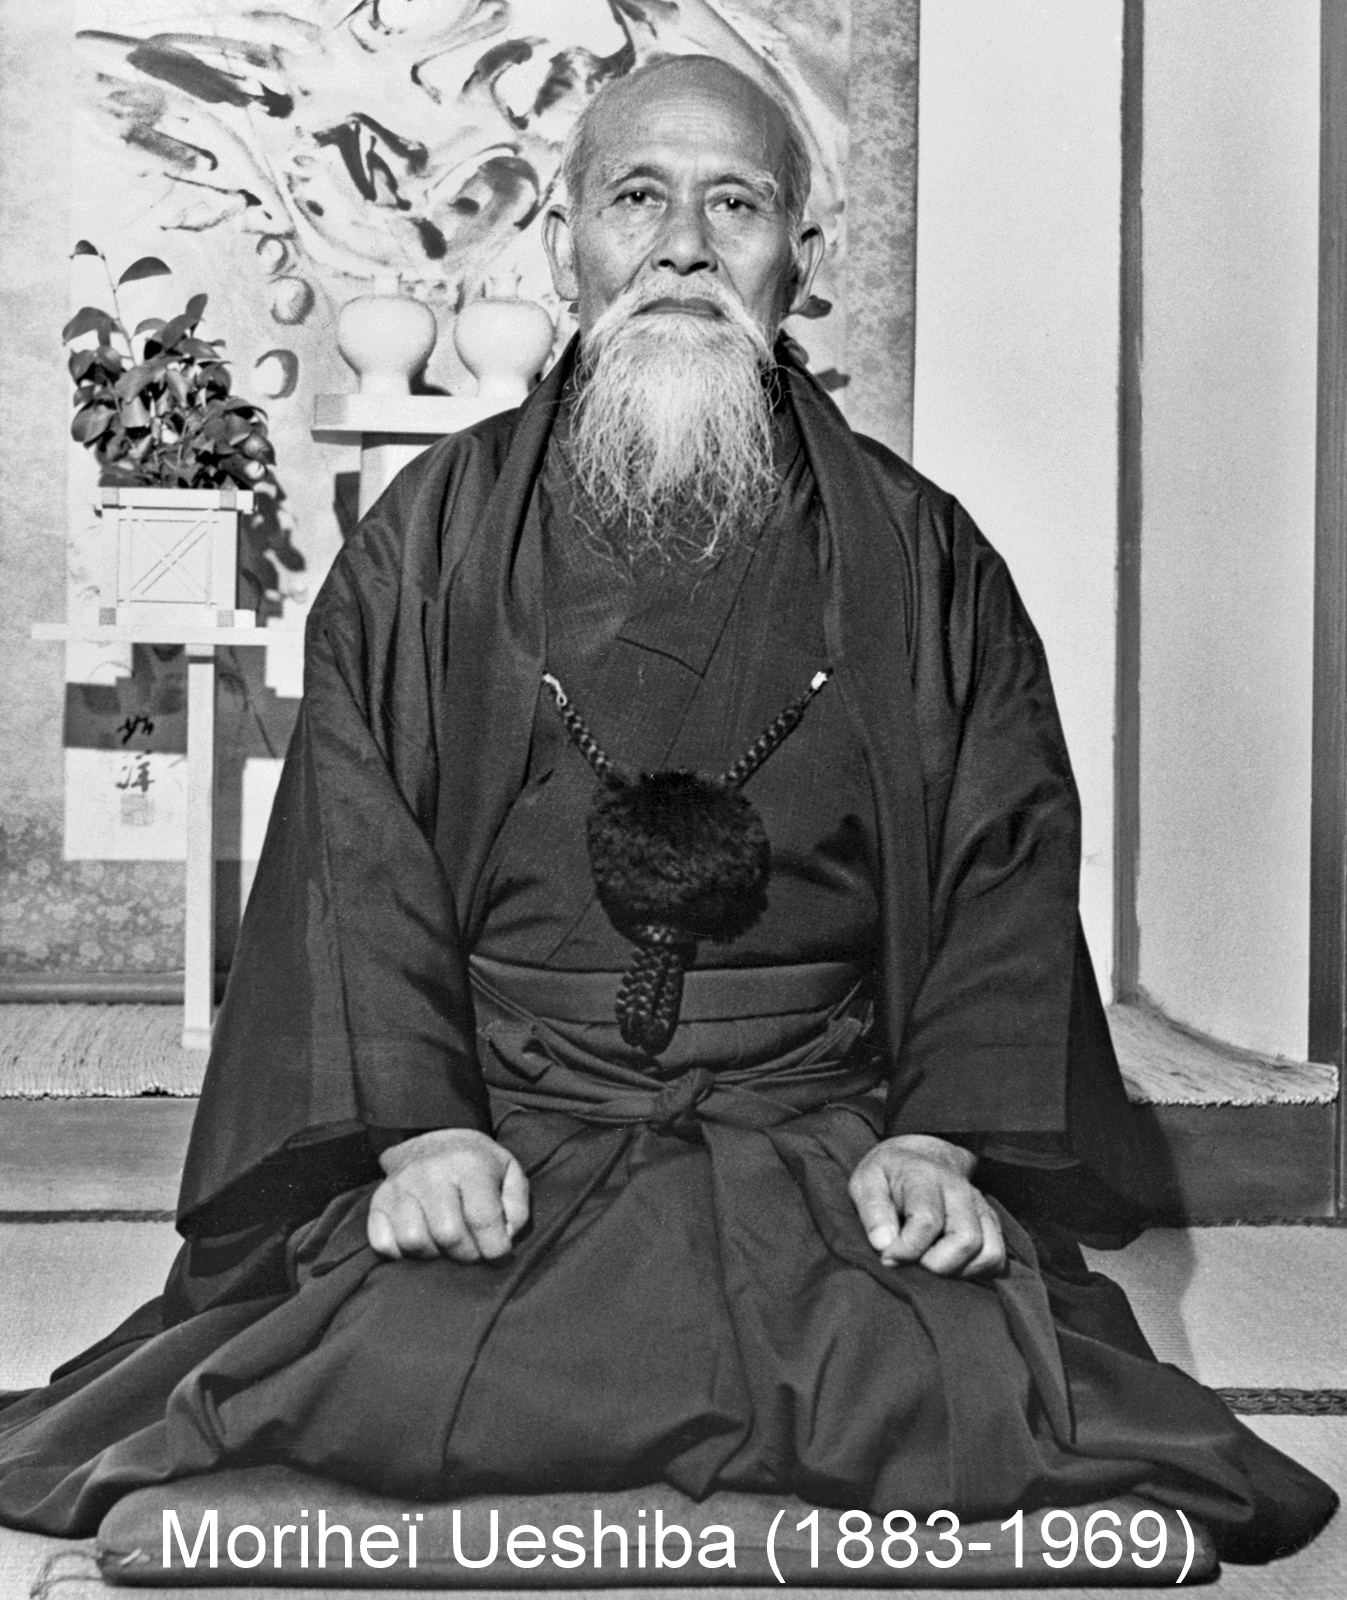 morihei-ueshiba